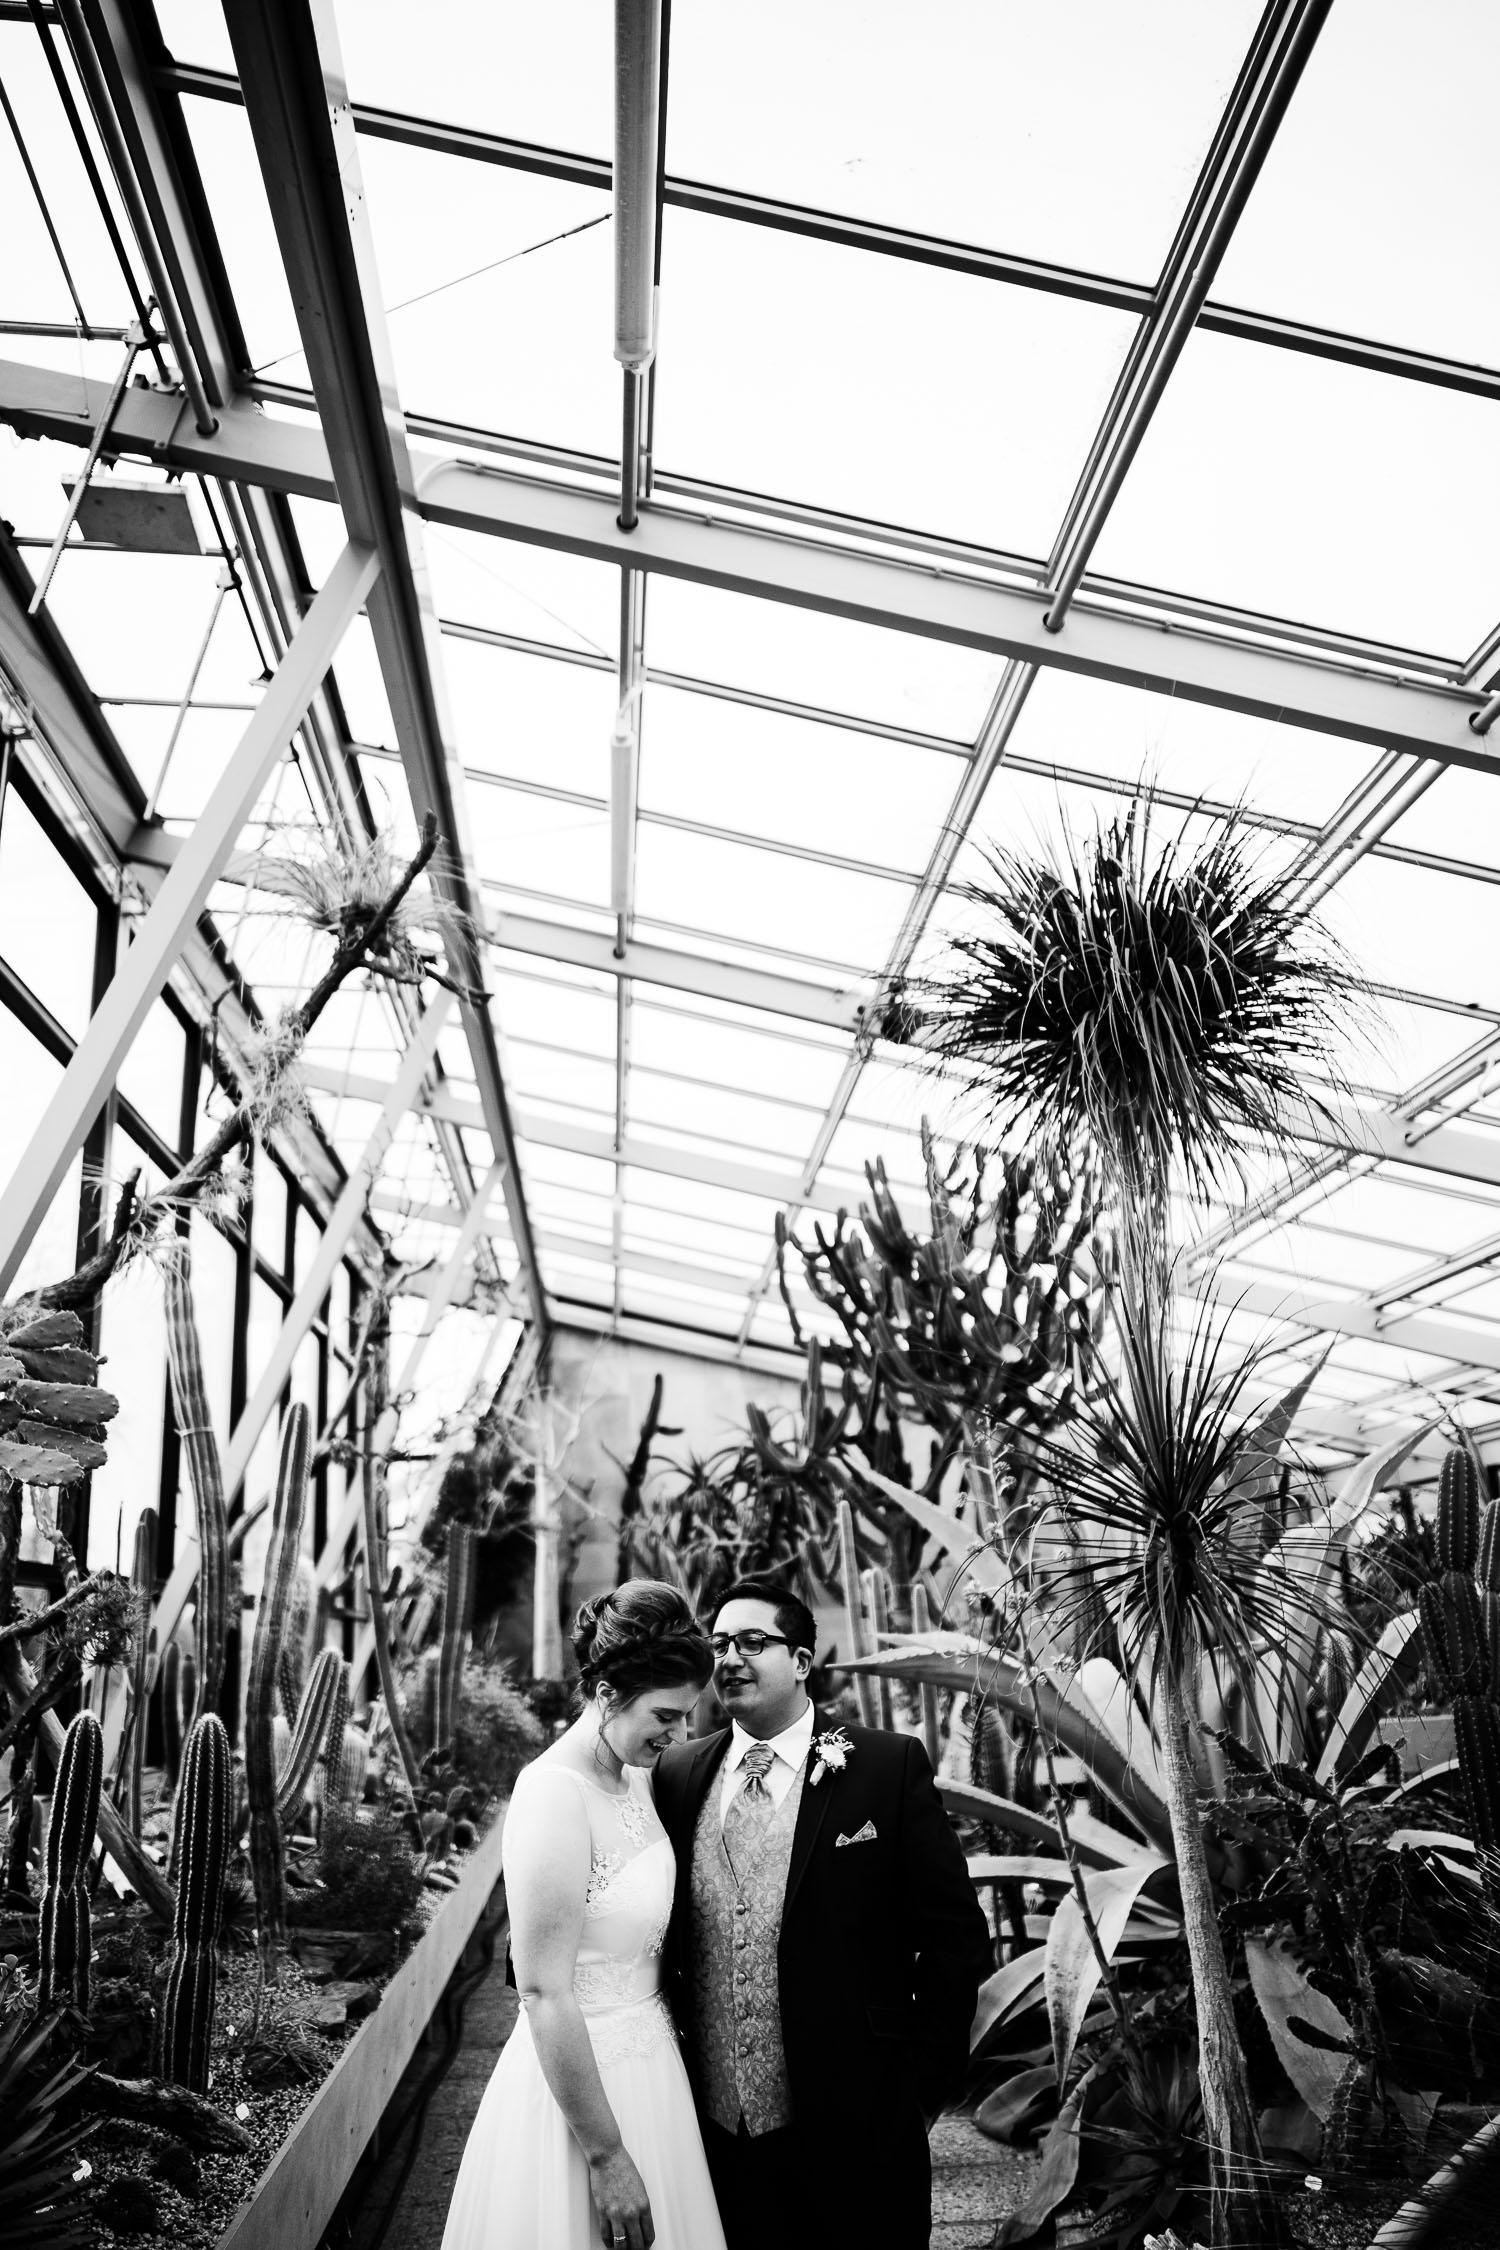 Hochzeitsfotografie-Hannover-Hochzeitsfotograf-m-fotografiert-Fotografie-Hochzeit-44-2 Marie & Elias Hochzeitreportage